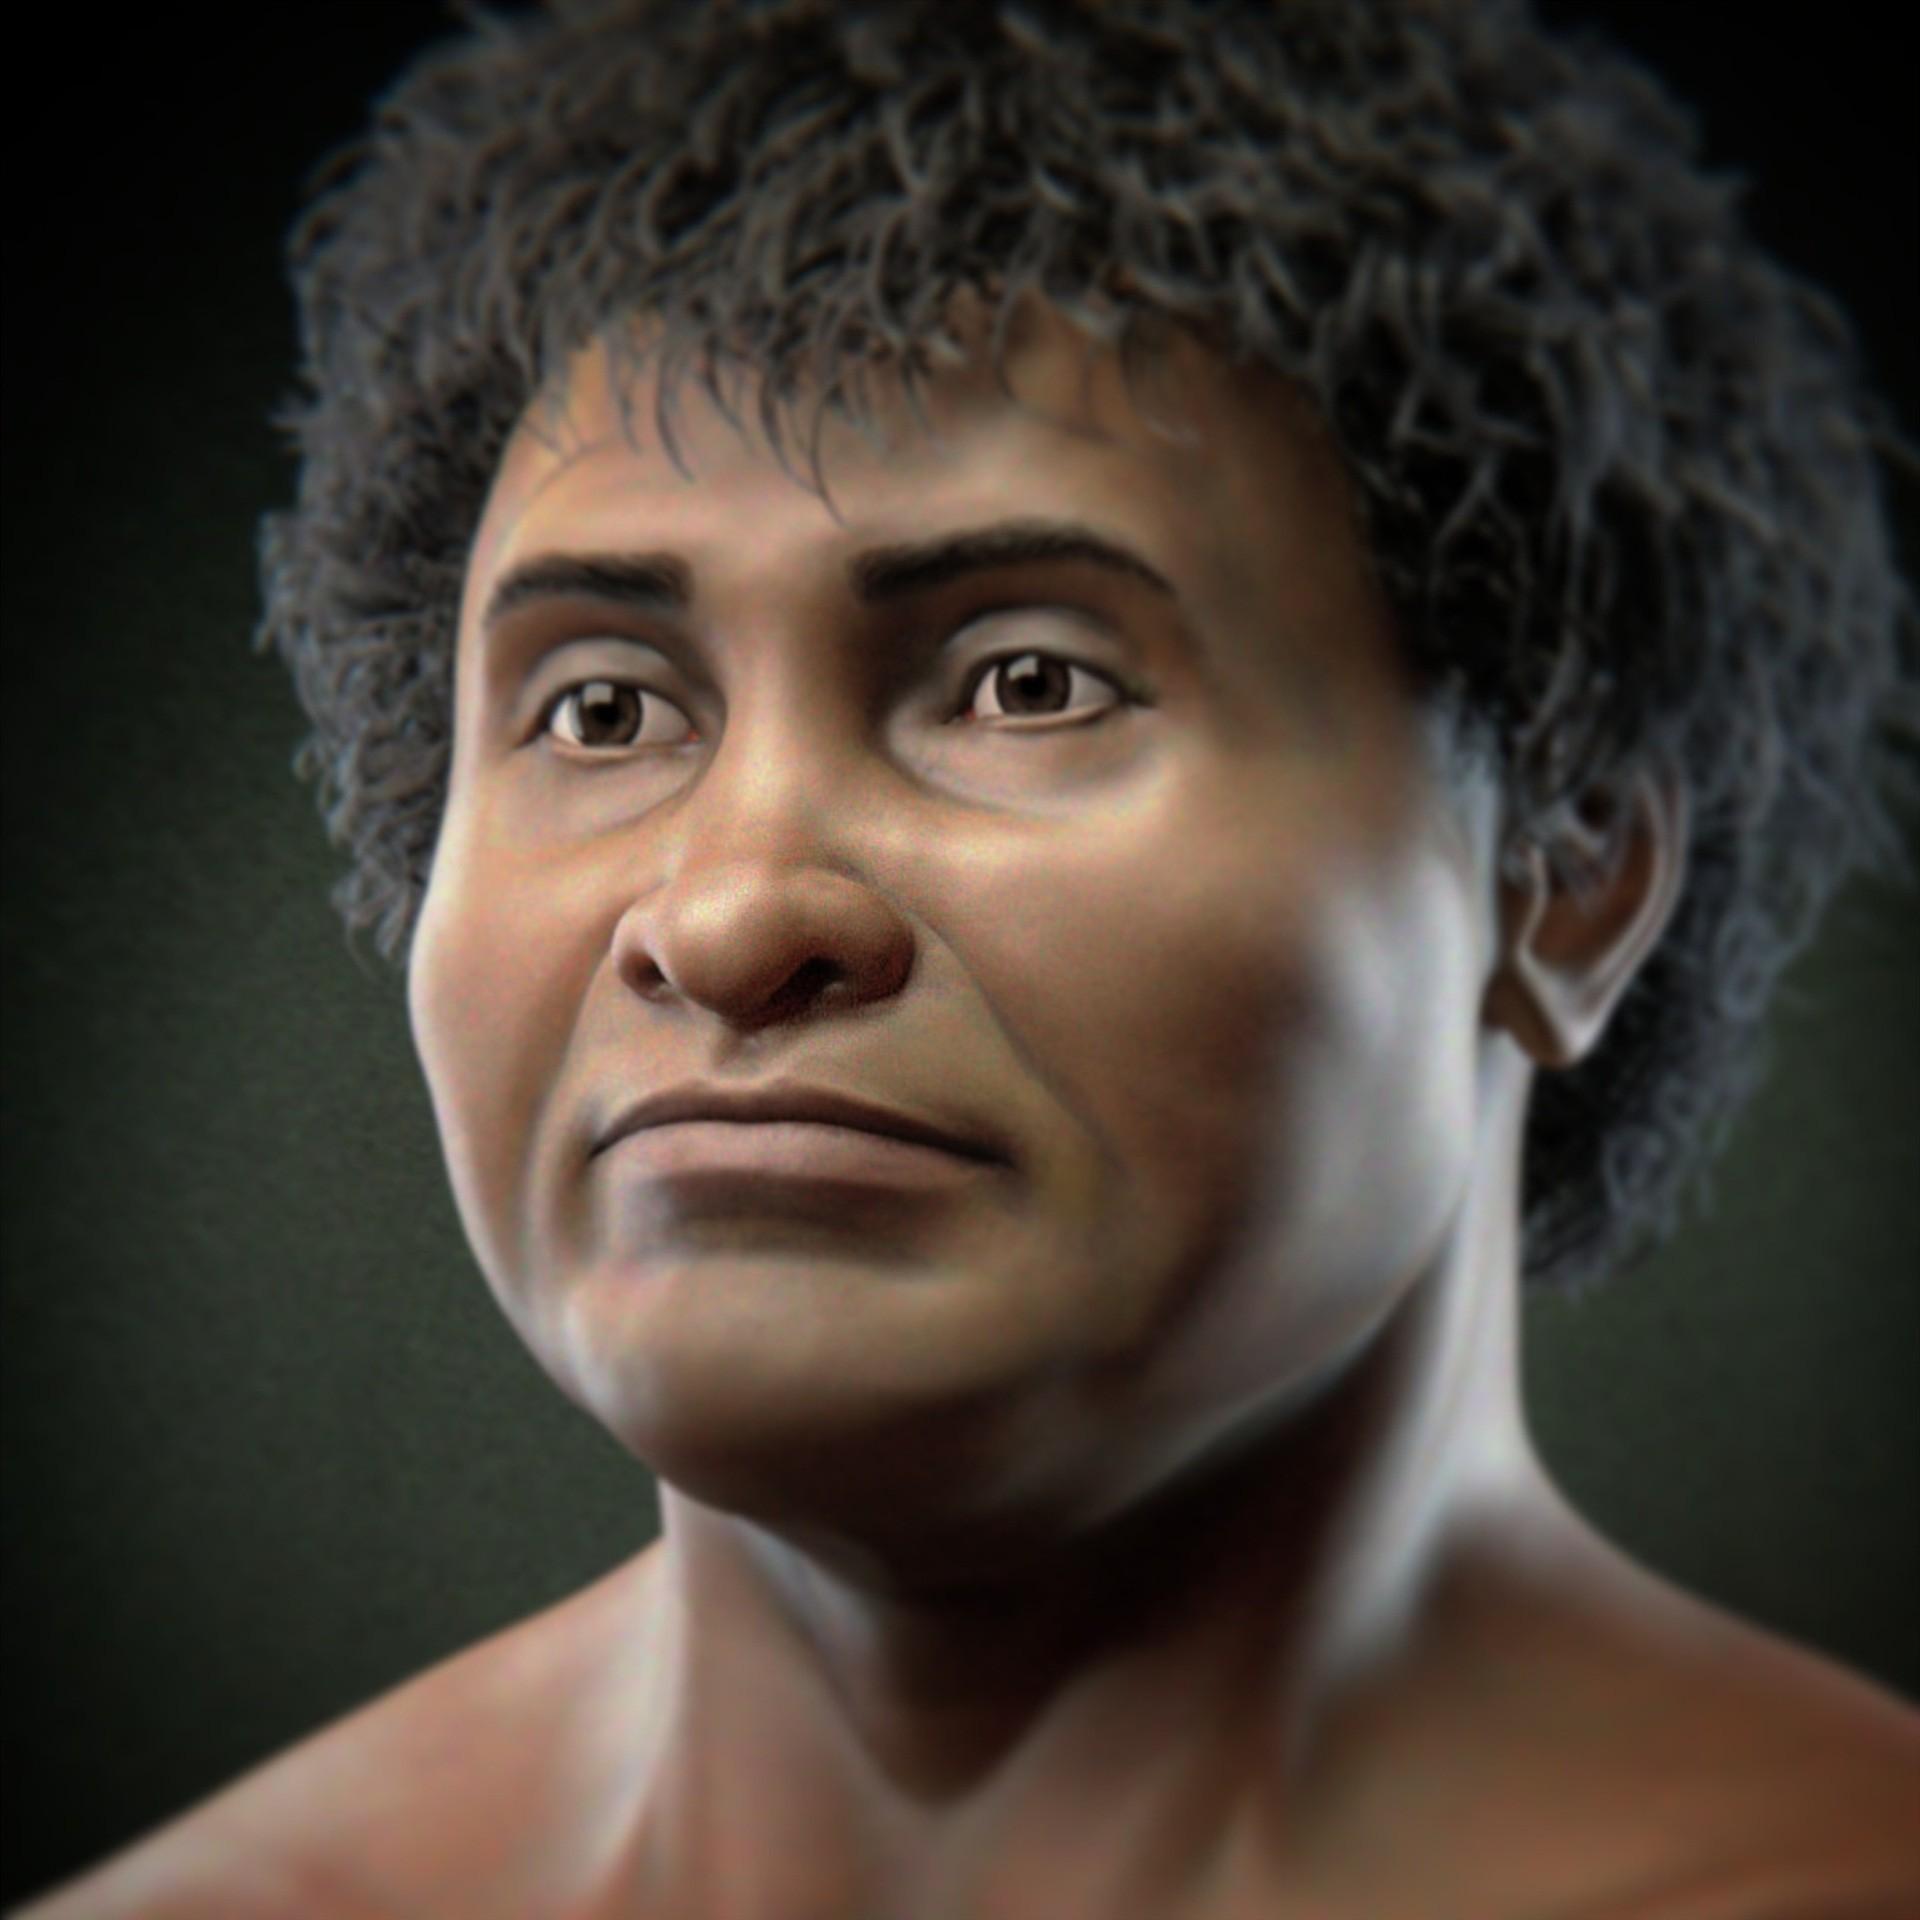 Homem de Lagoa Santa, um dos primeiros registros de um ser humano que habitou o Brasil, há mais de 10 mil anos (Foto: Reprodução/ Cícero Moraes)